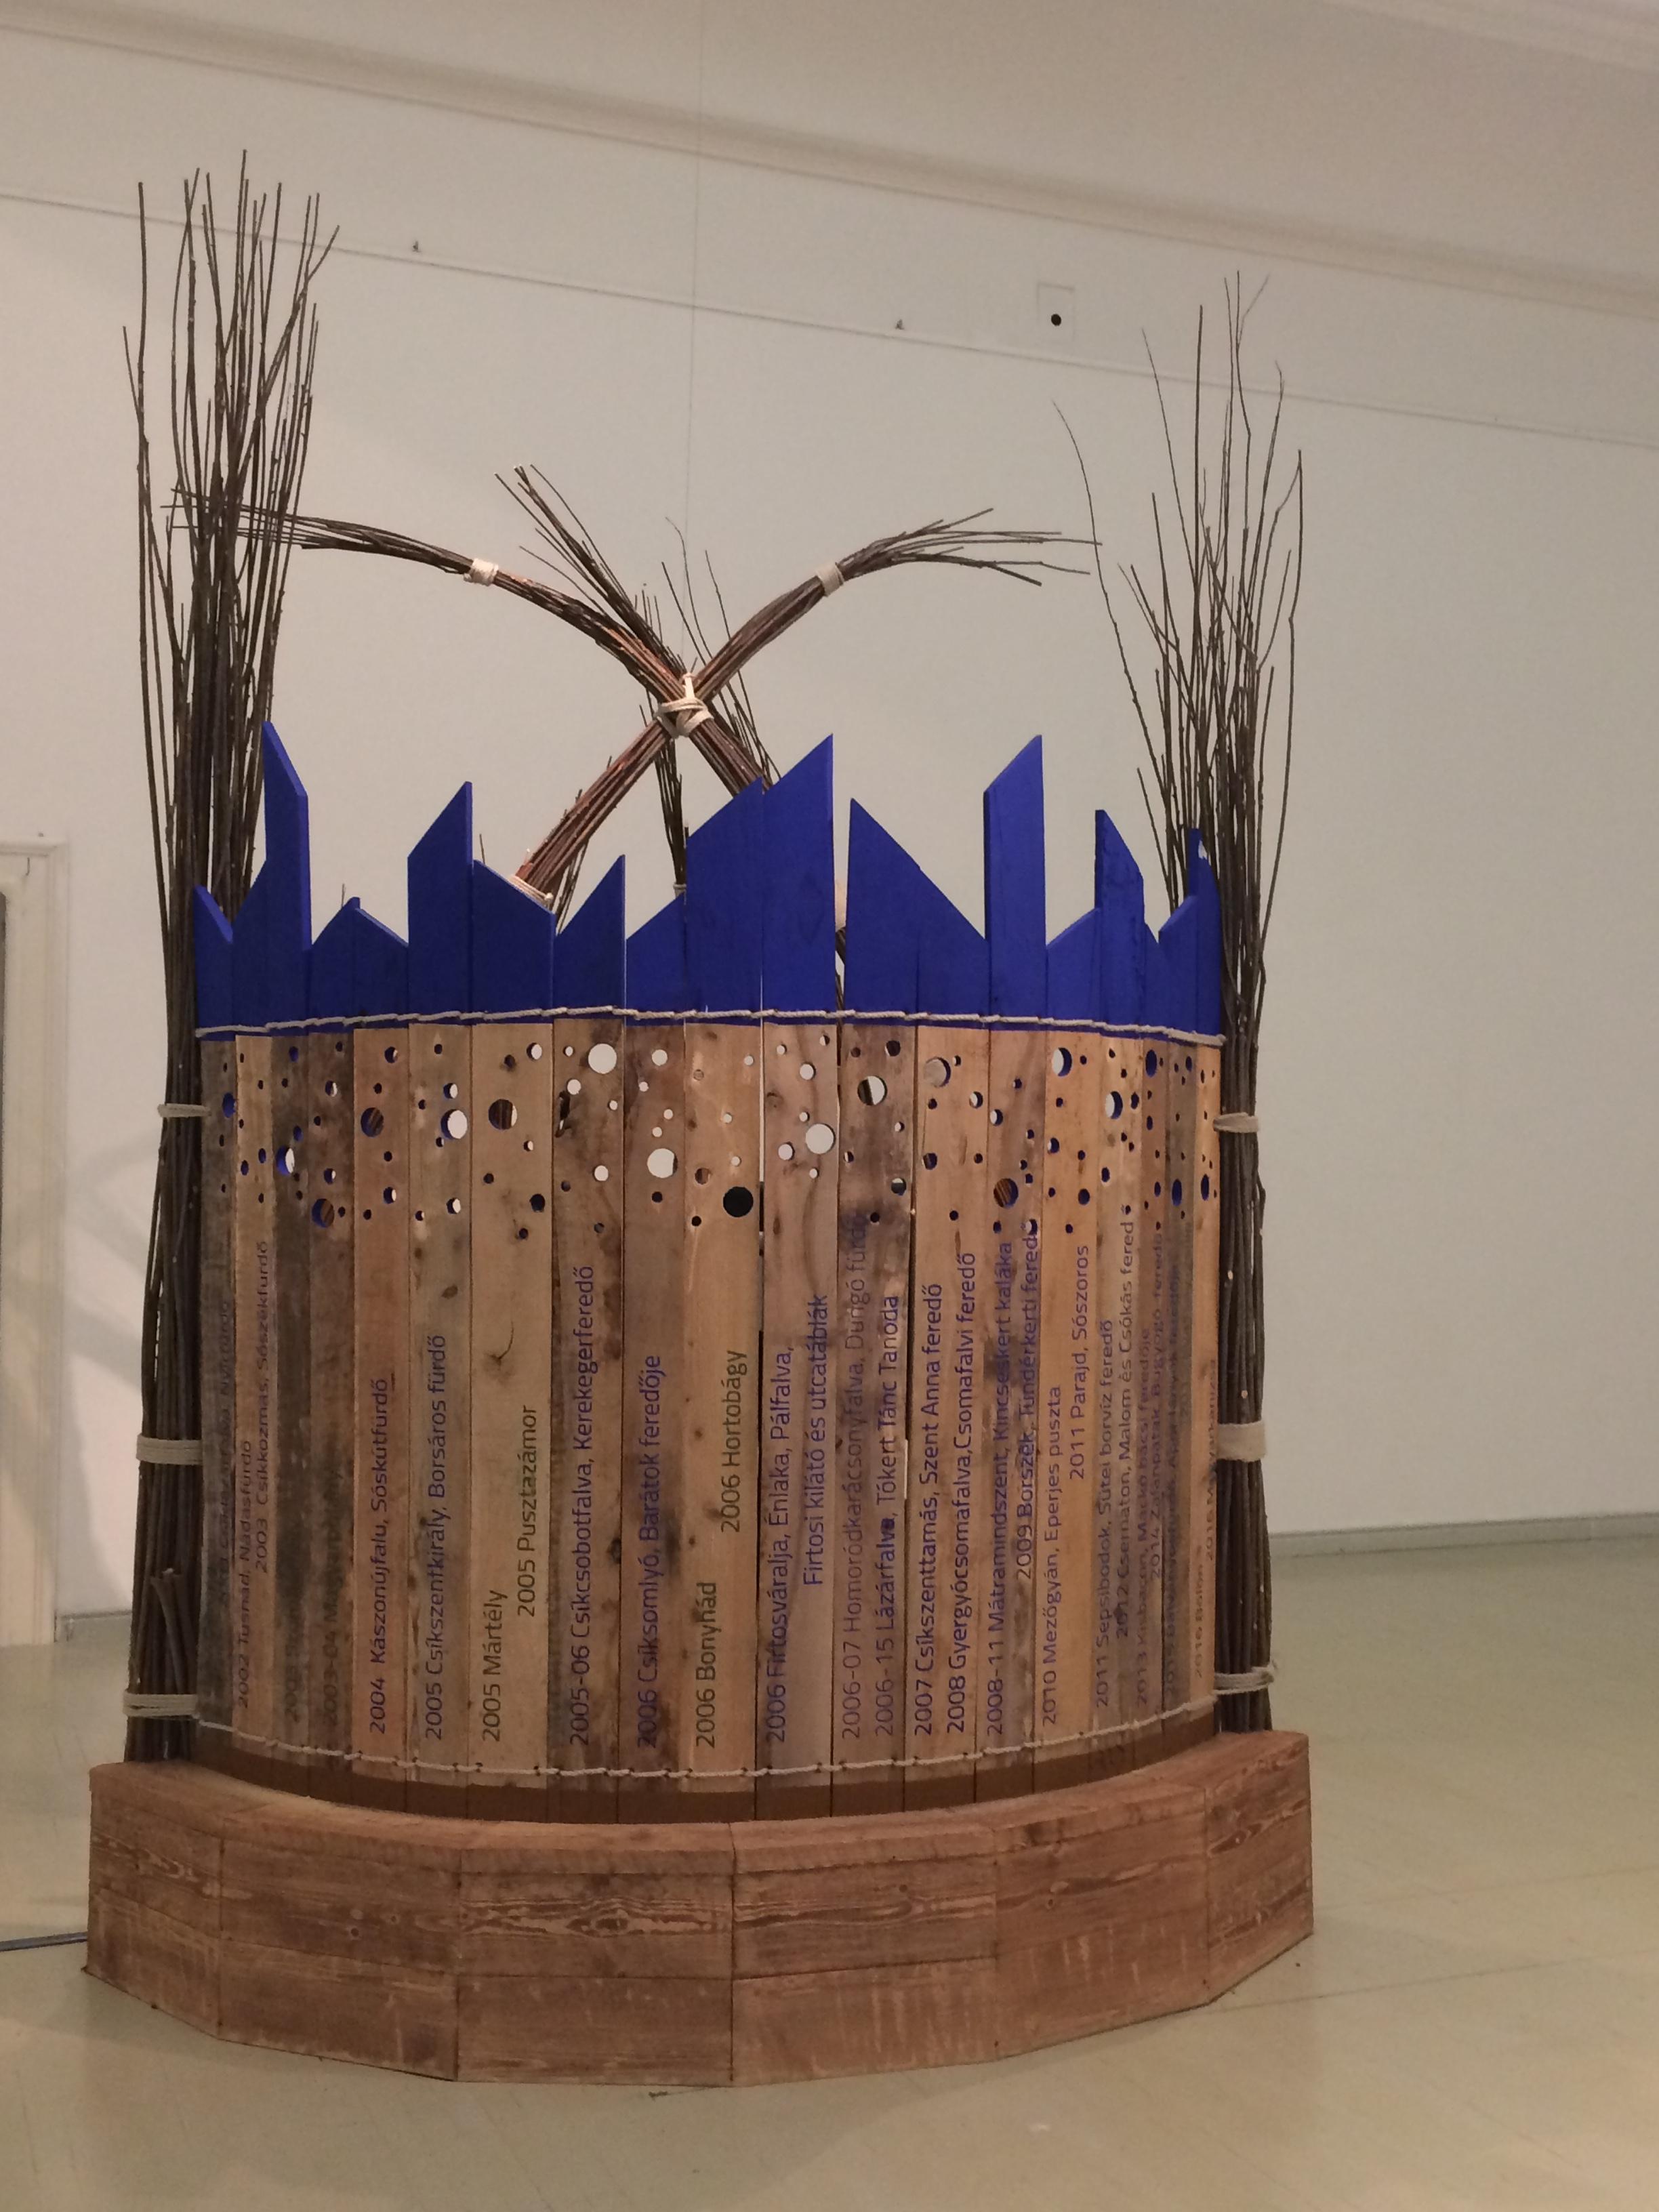 Az installáció hátulról - vajon mit rejt a paraván